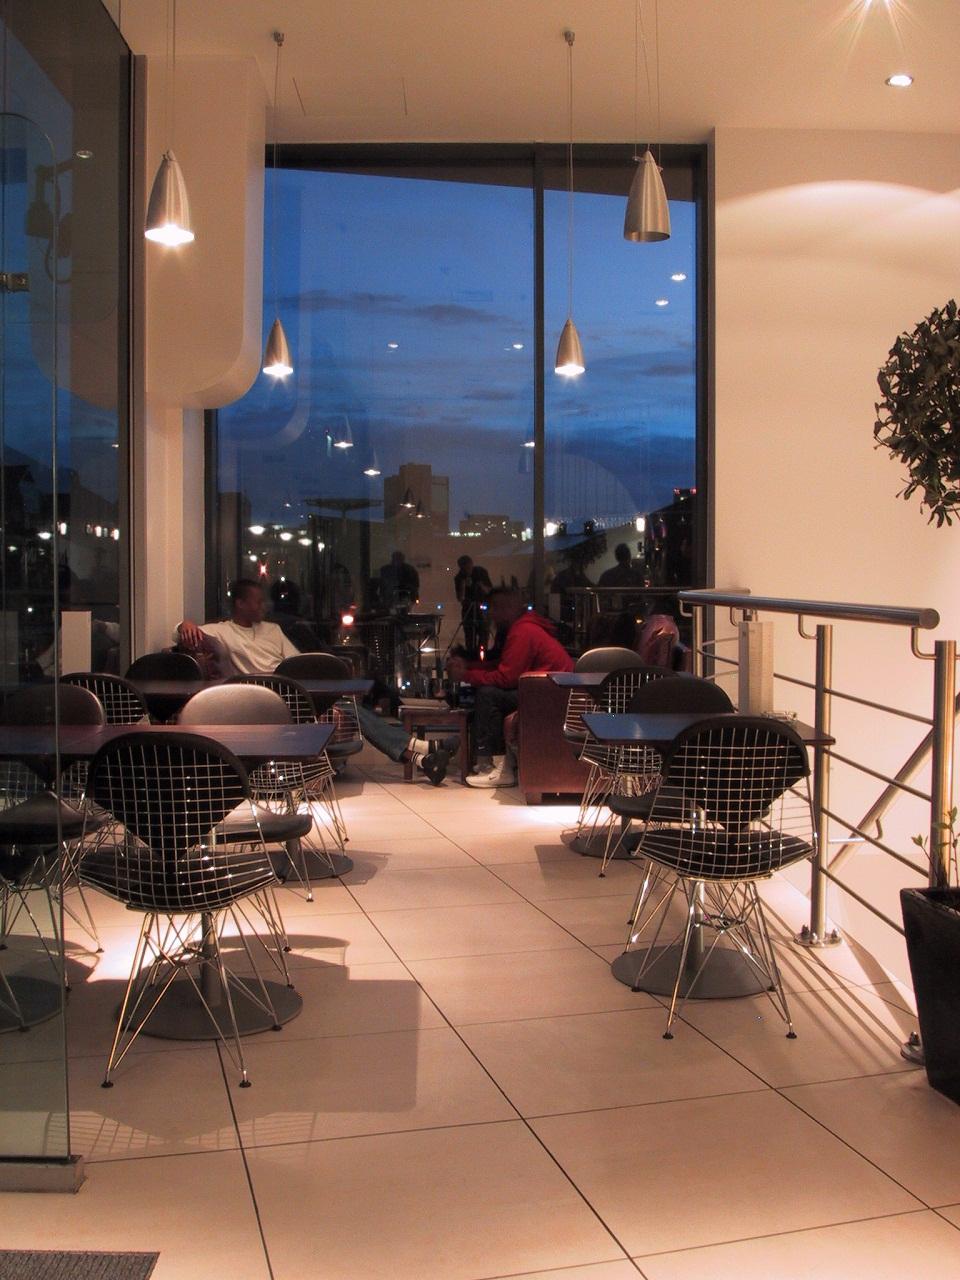 Ink bar birmingham hotel interior designers birmingham interior design birmingham uk for Interior decorators birmingham al